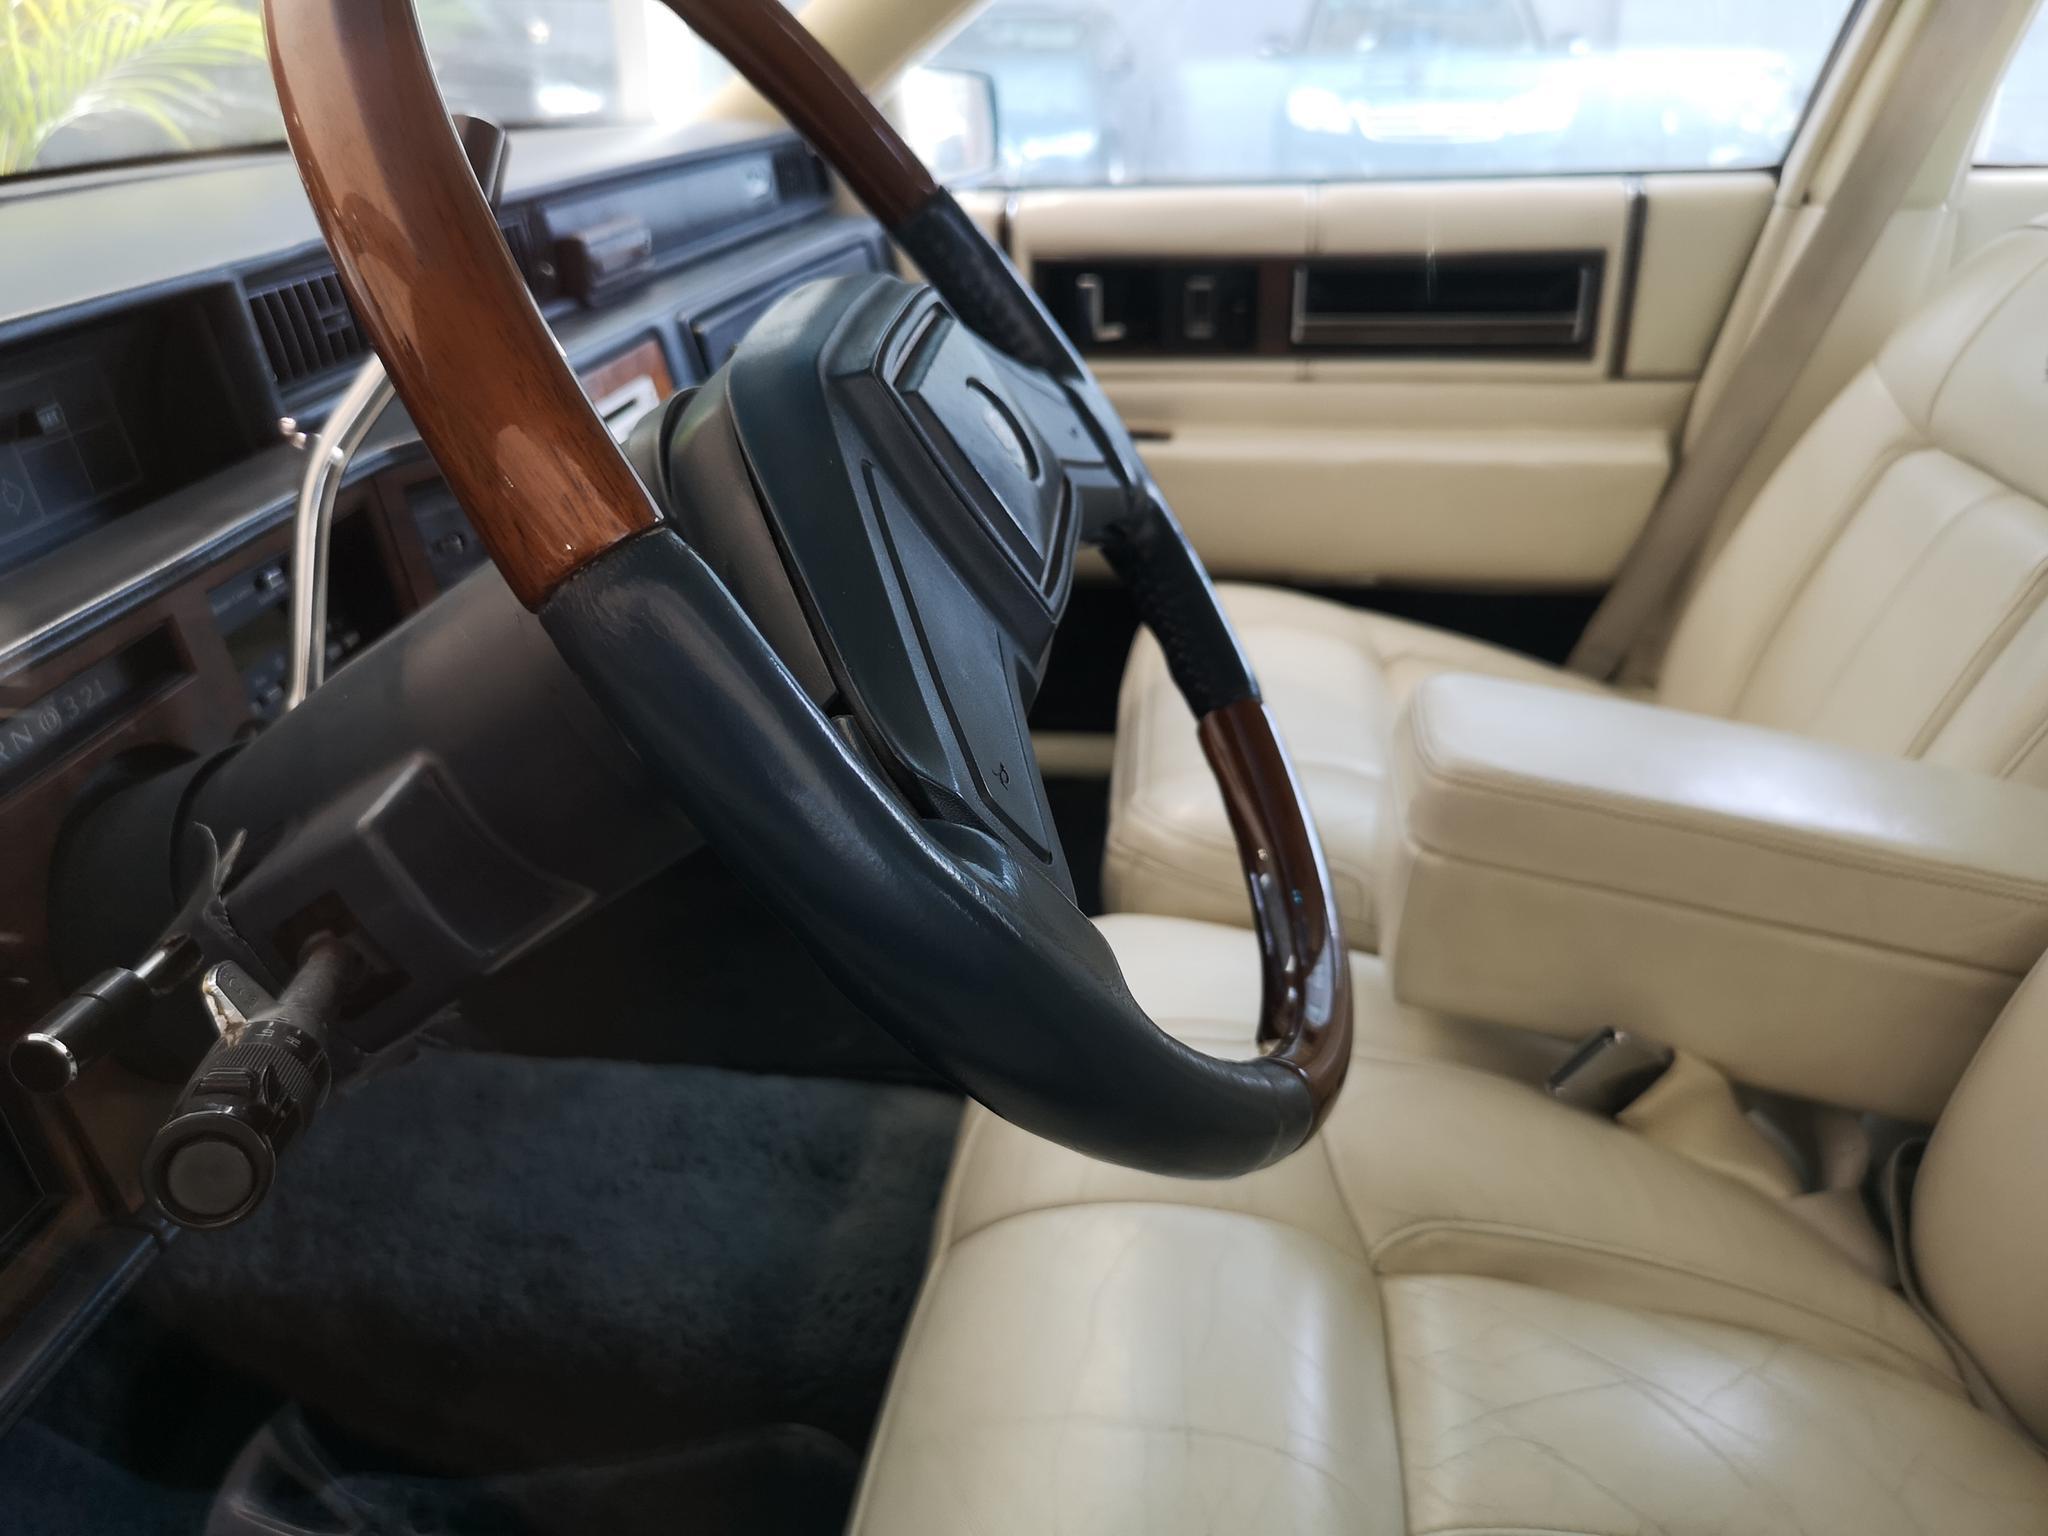 八九十年代的美系豪华 到店实拍凯迪拉克DeVille老车